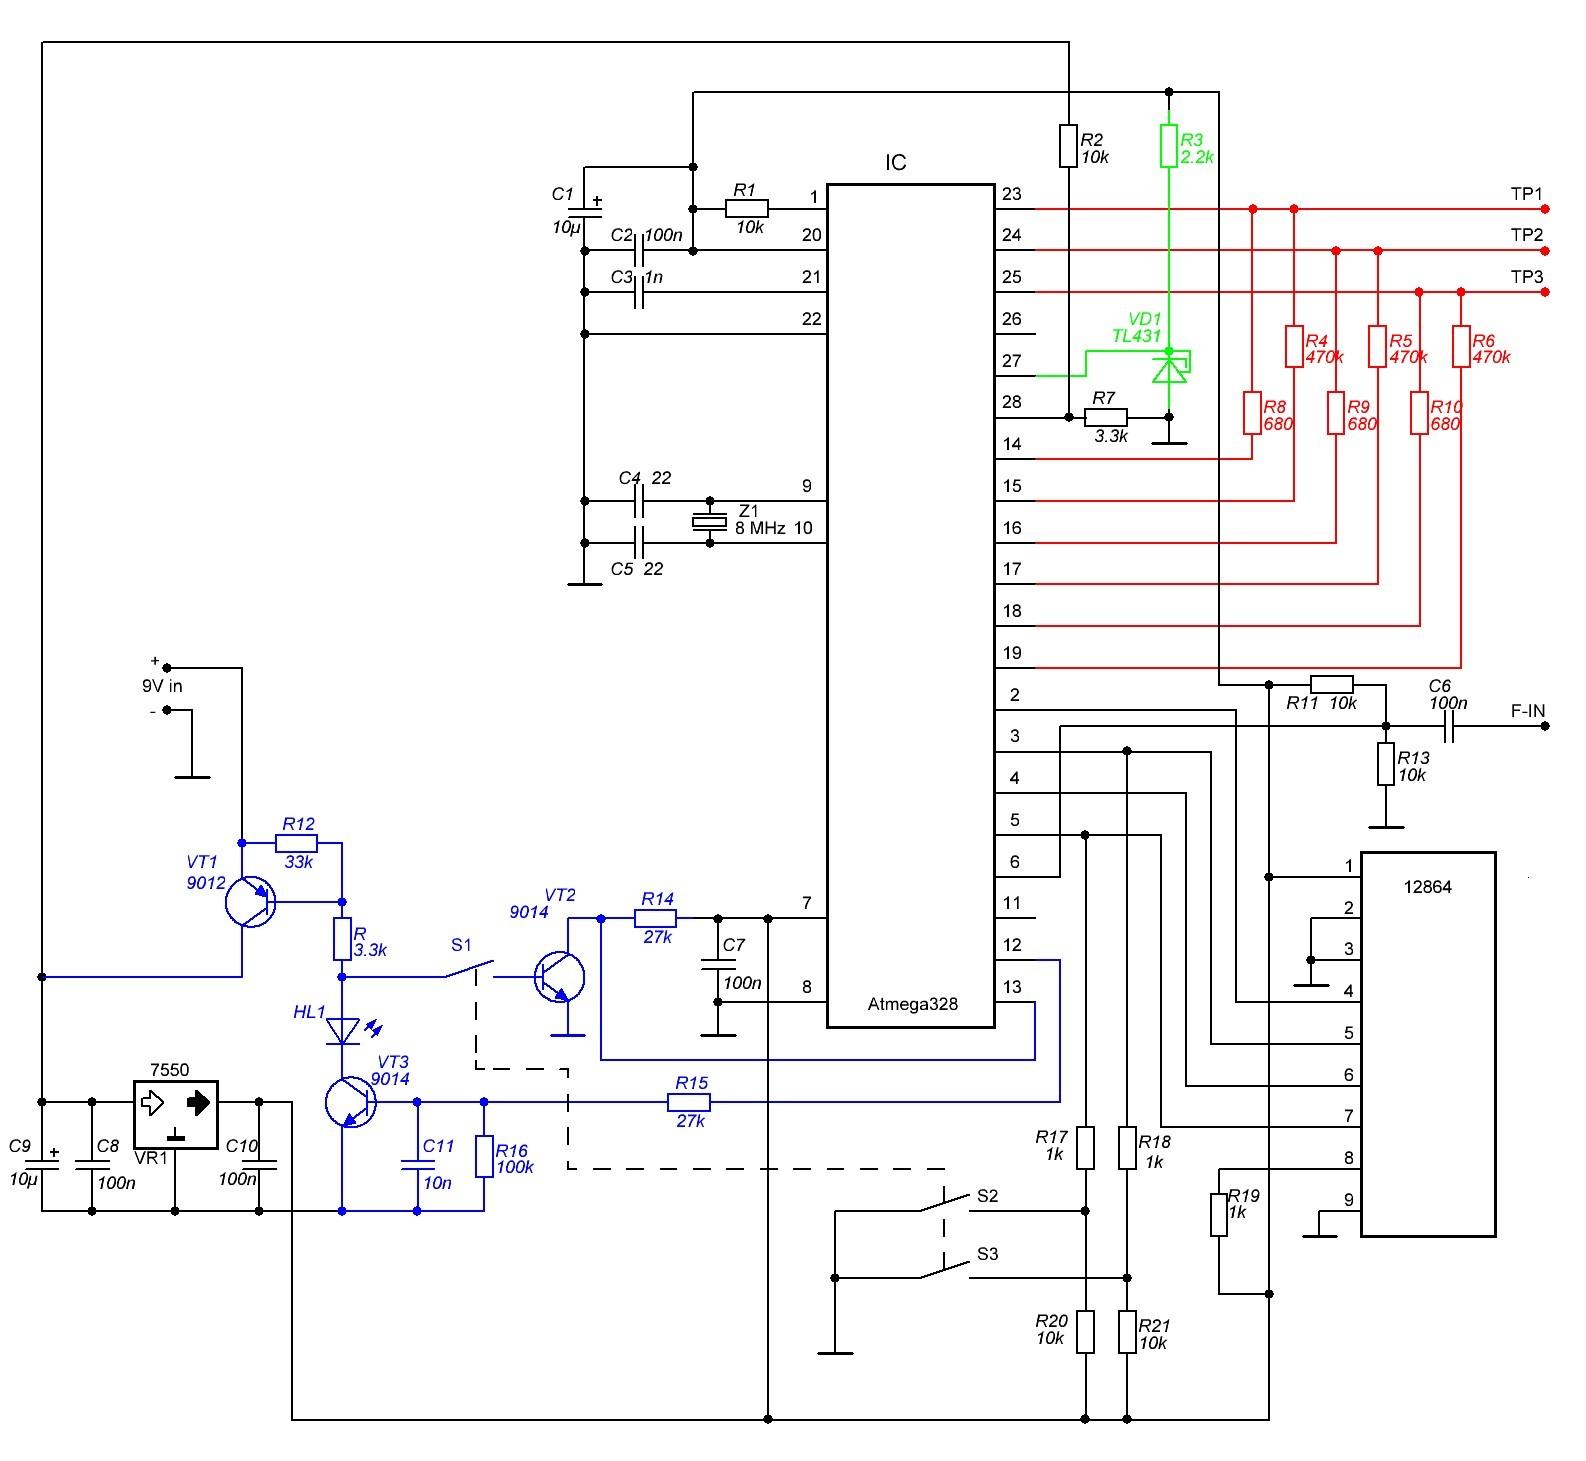 схема электрооборудования м412 иэ